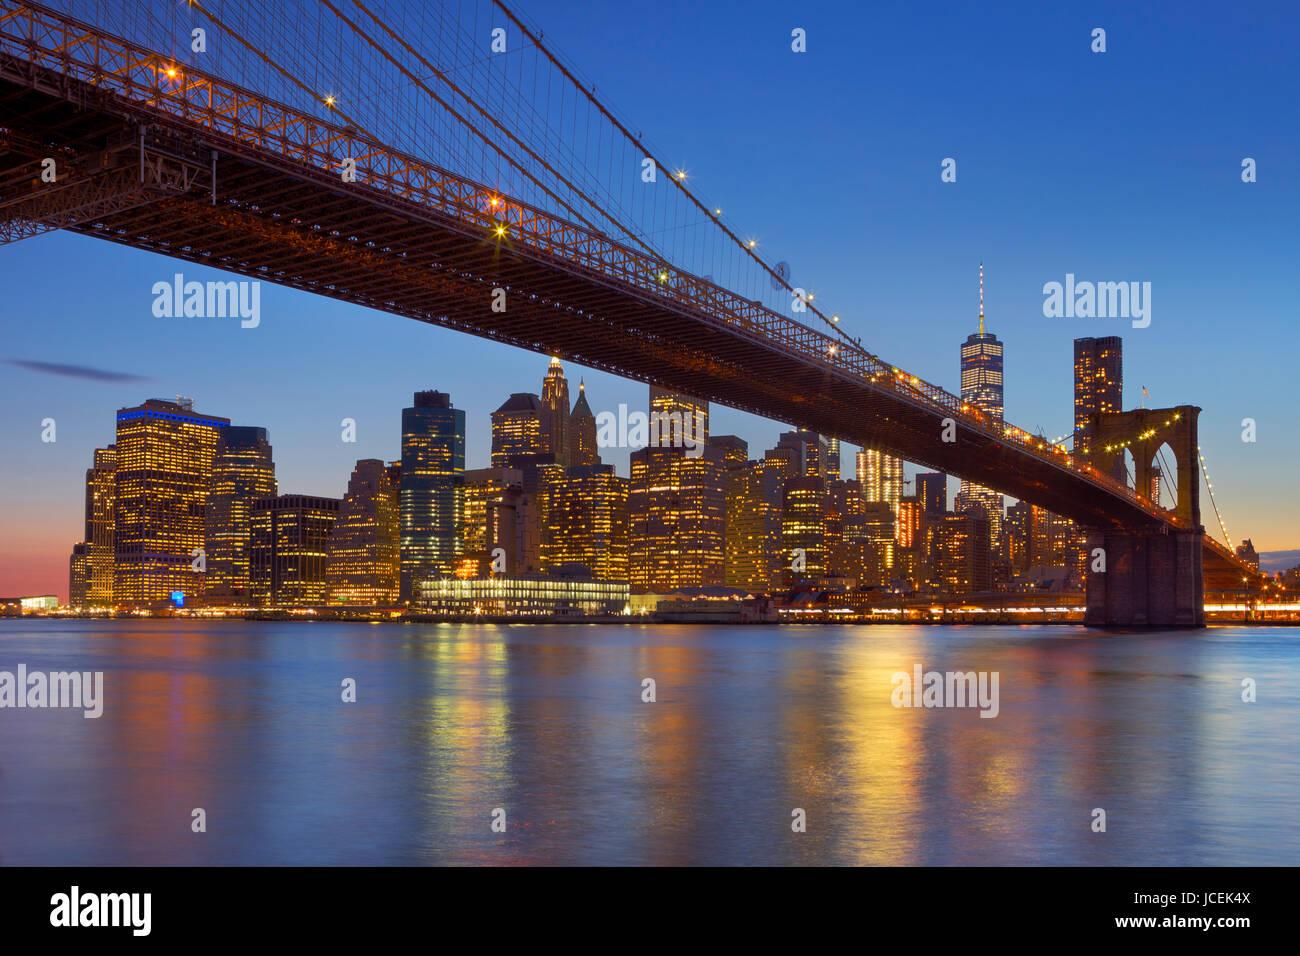 Brooklyn Bridge mit der New Yorker Skyline im Hintergrund, in der Dämmerung fotografiert. Stockfoto